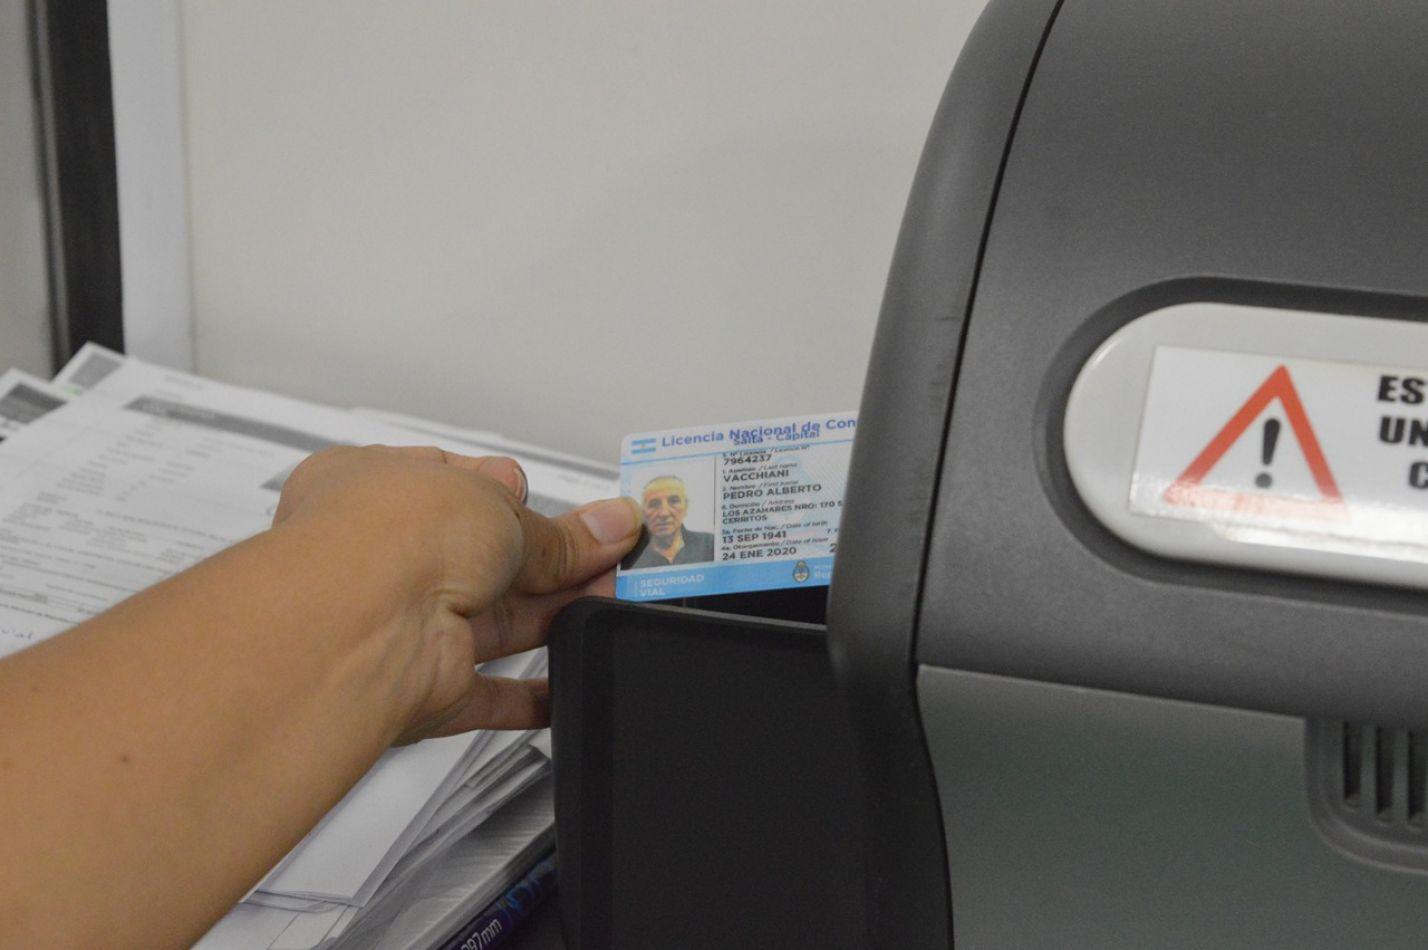 Licencias de conducir: reprograman los turnos otorgados para el 16 de abril